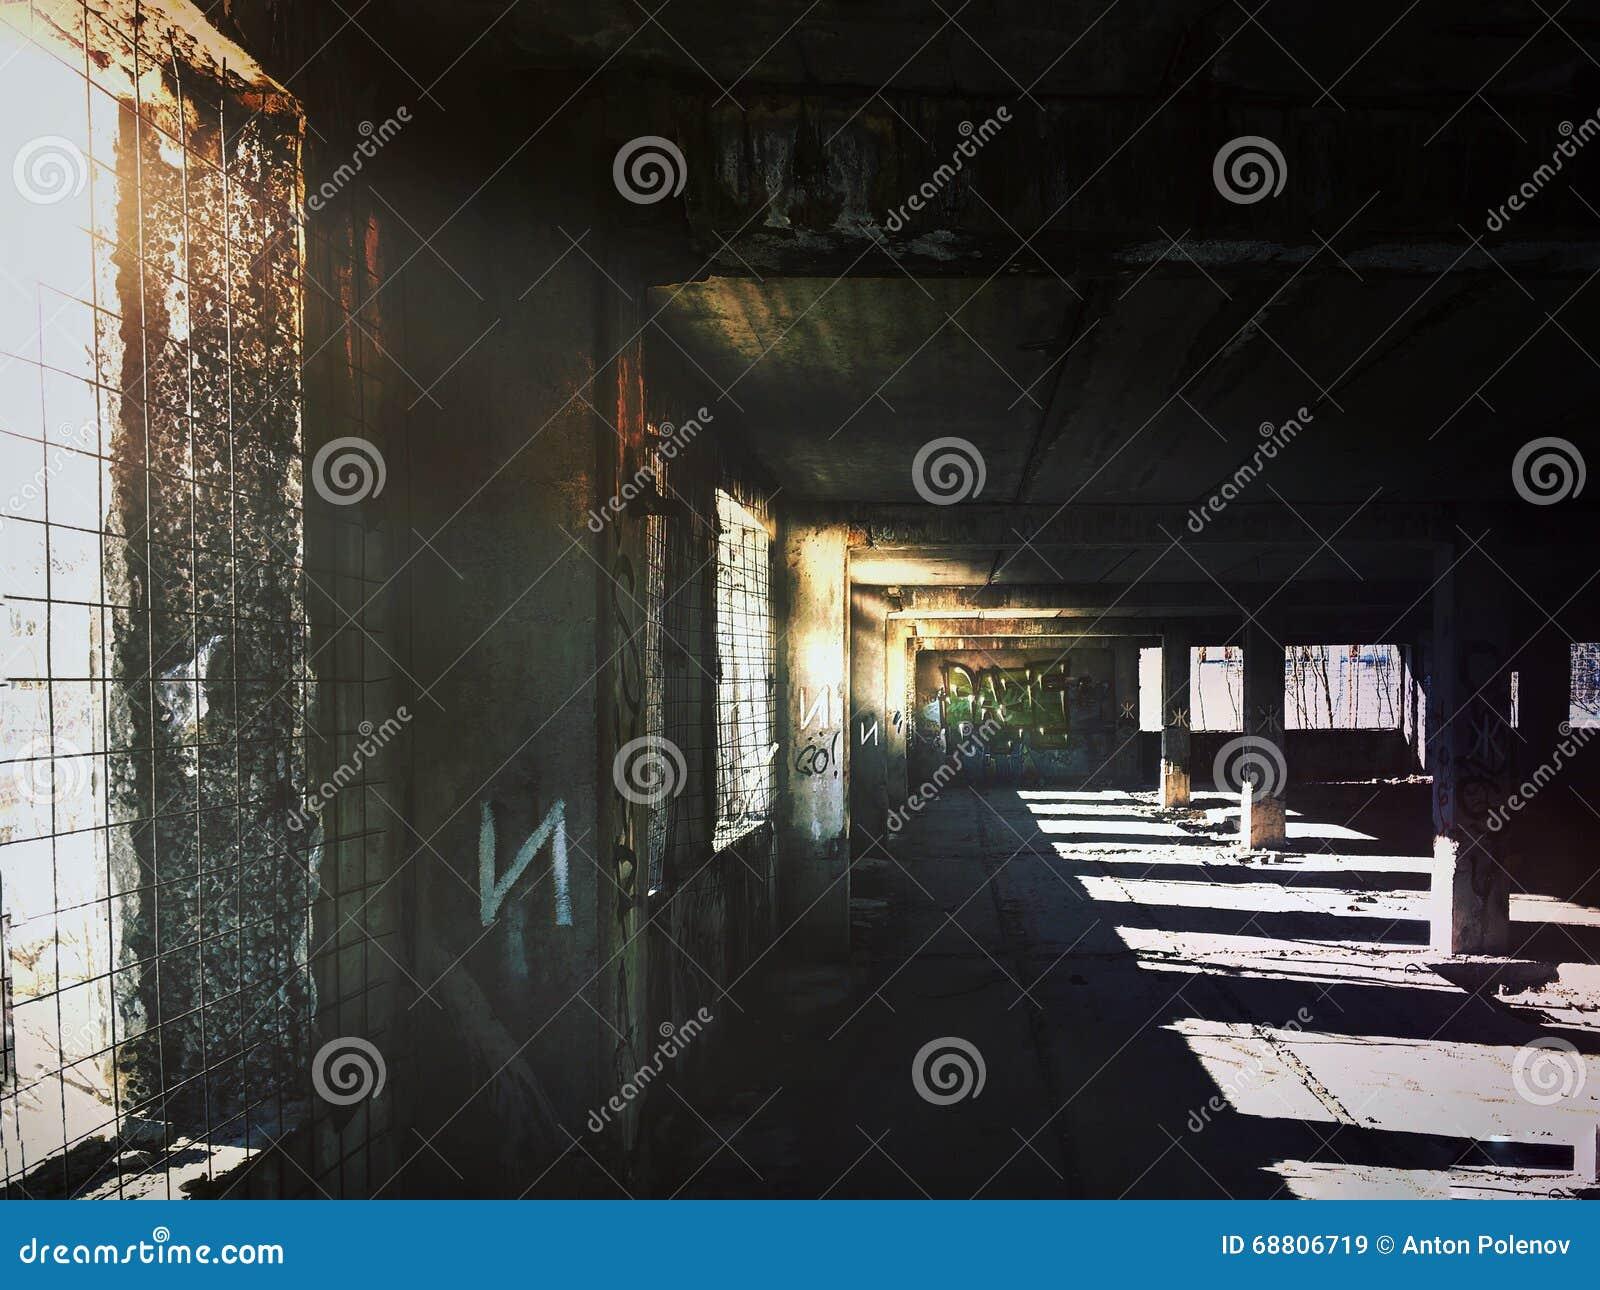 Fußboden Im Krankenhaus ~ Verlassener krankenhausboden stockbild bild von fußboden